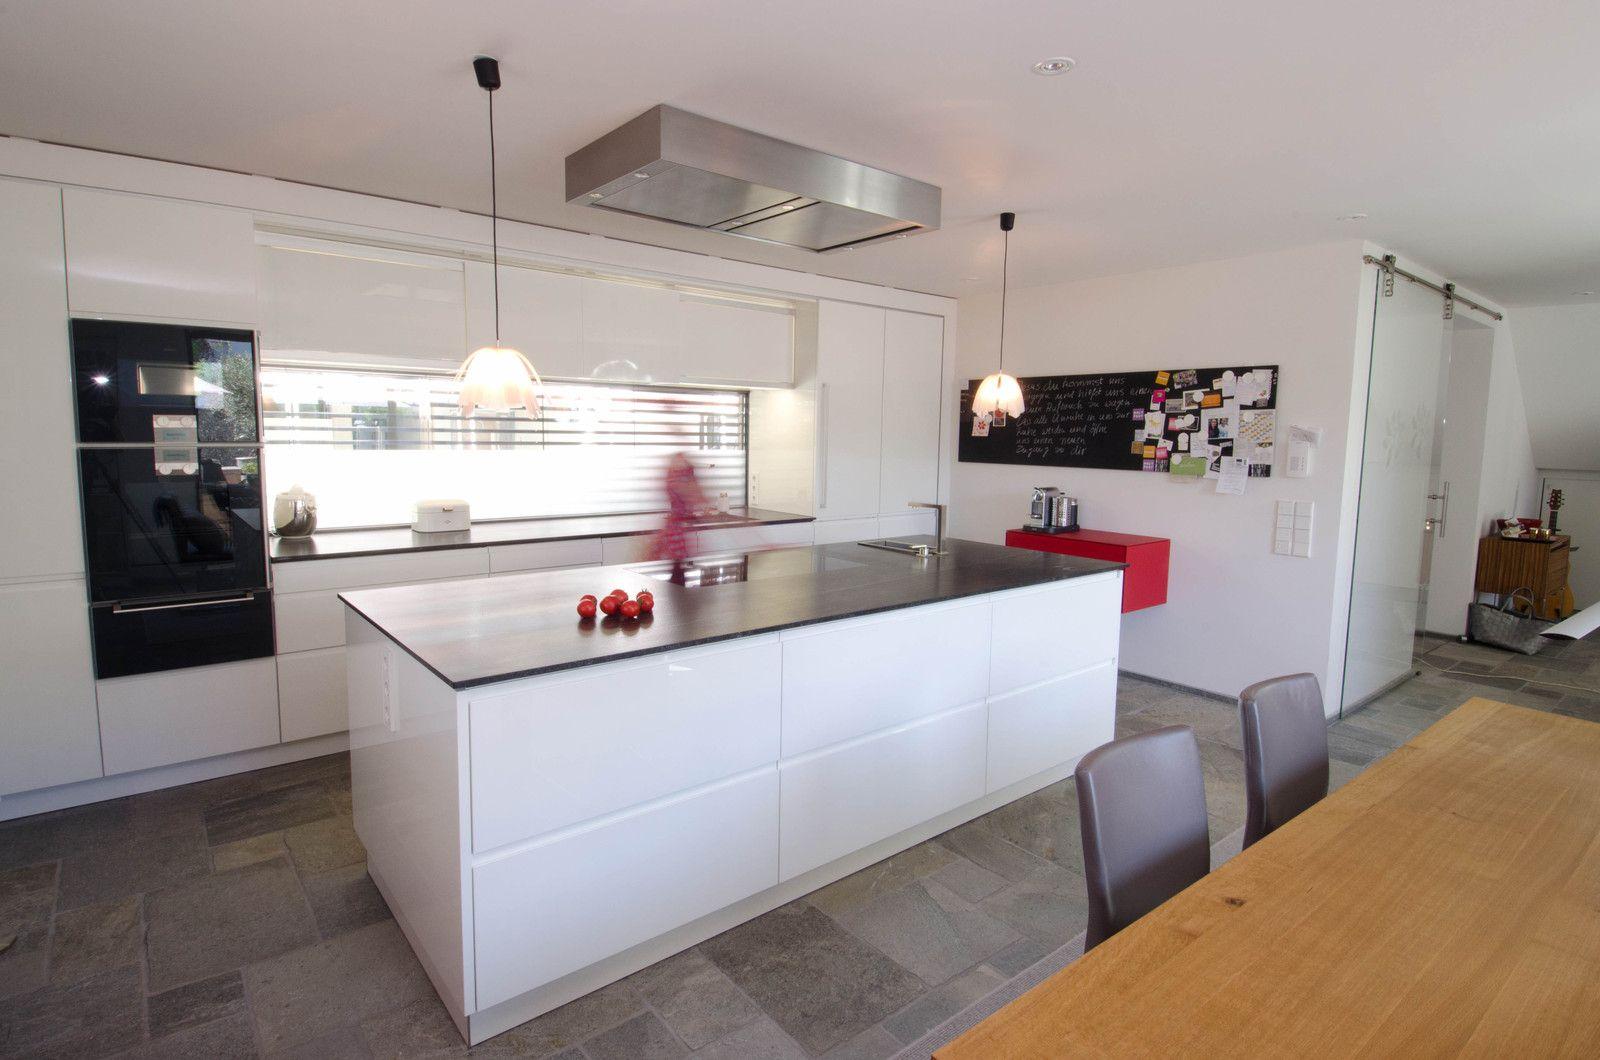 Wohnküchen küchen wohnküchen wohnküche häcker 2 kitchen